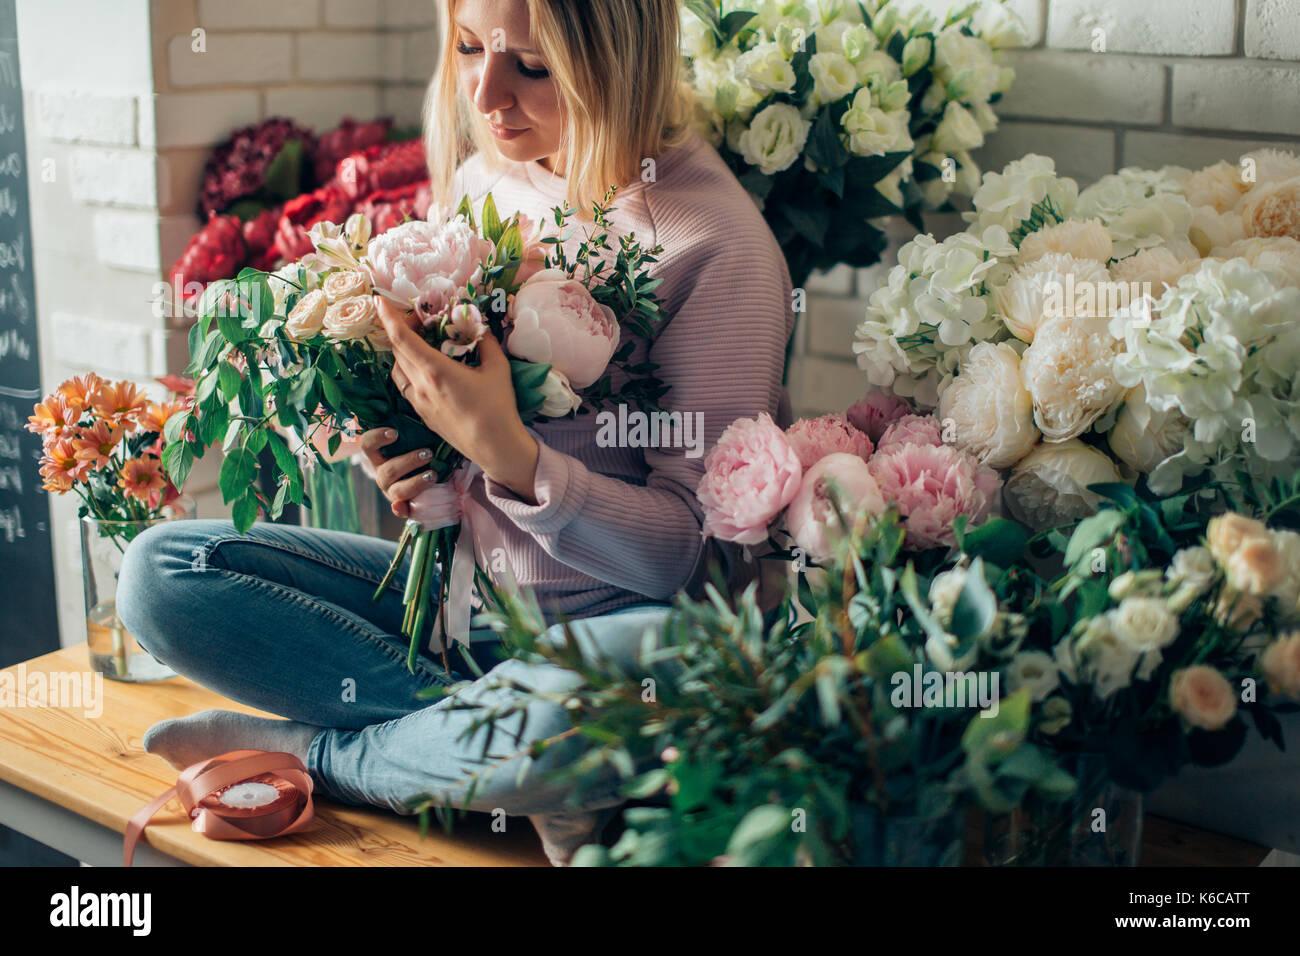 Blumenladen bei Tageslicht. Frau mit schönen Blumenstrauß. Blumengeschäft mit ihrer Arbeit. Stilisierte Ausschreibung Foto mit hipster Filter. Stockbild